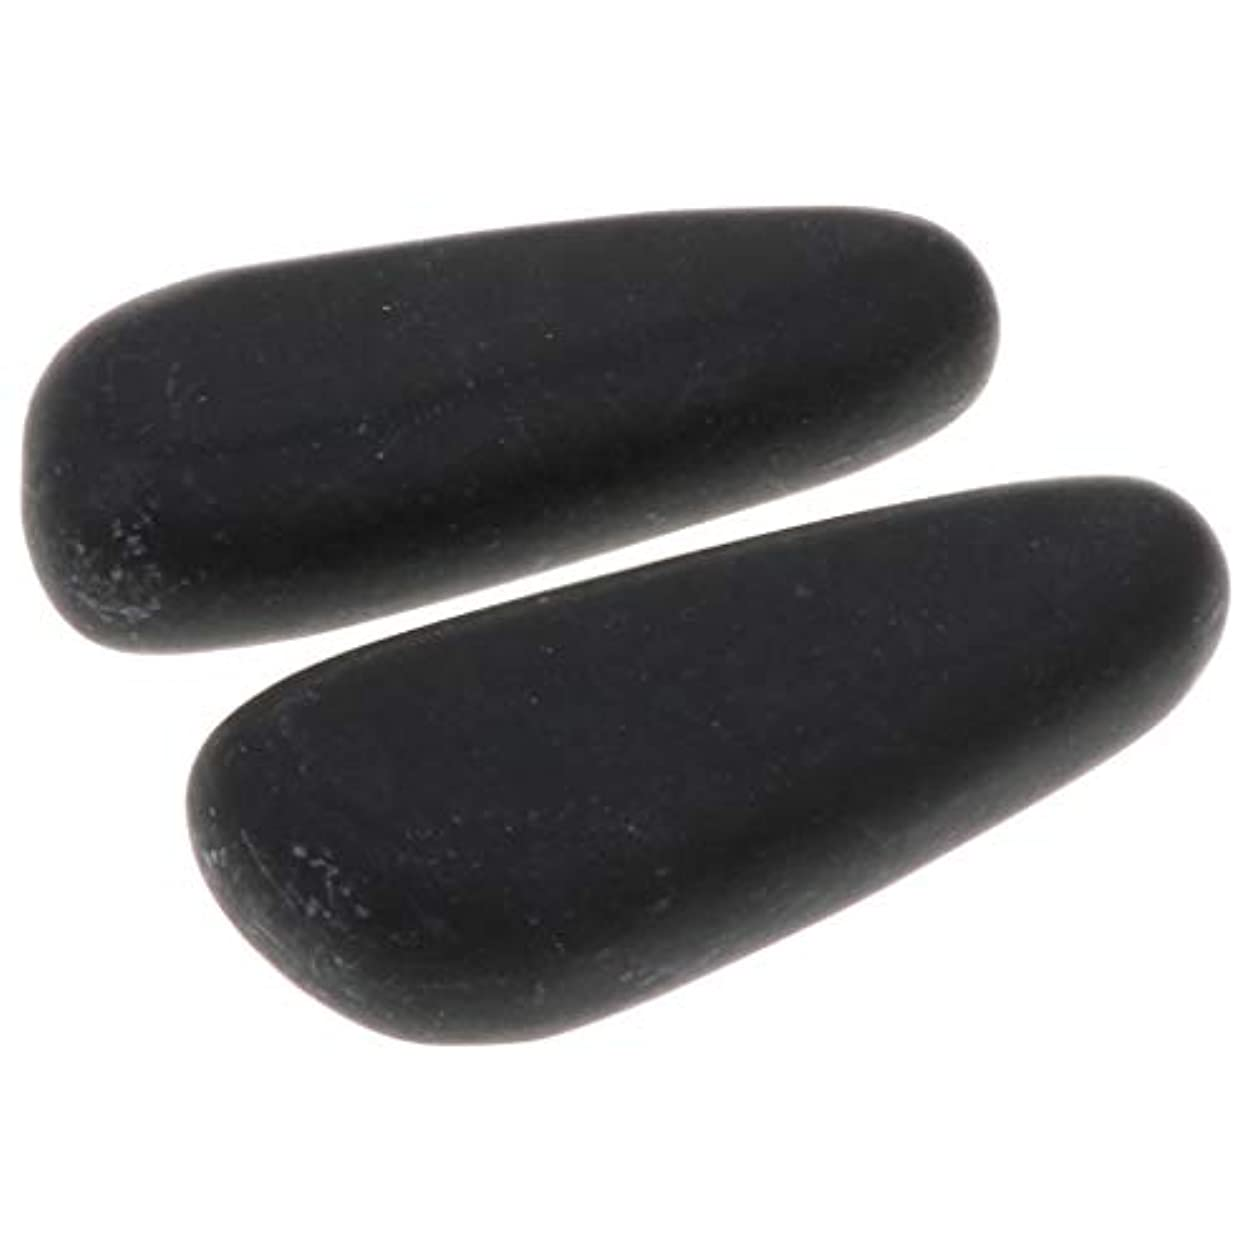 仮装名前兄Fenteer 全2サイズ ホットストーン マッサージ石 マッサージストーン 玄武岩 ボディマッサージ スパ 2個入 - 8×3.2×2cm